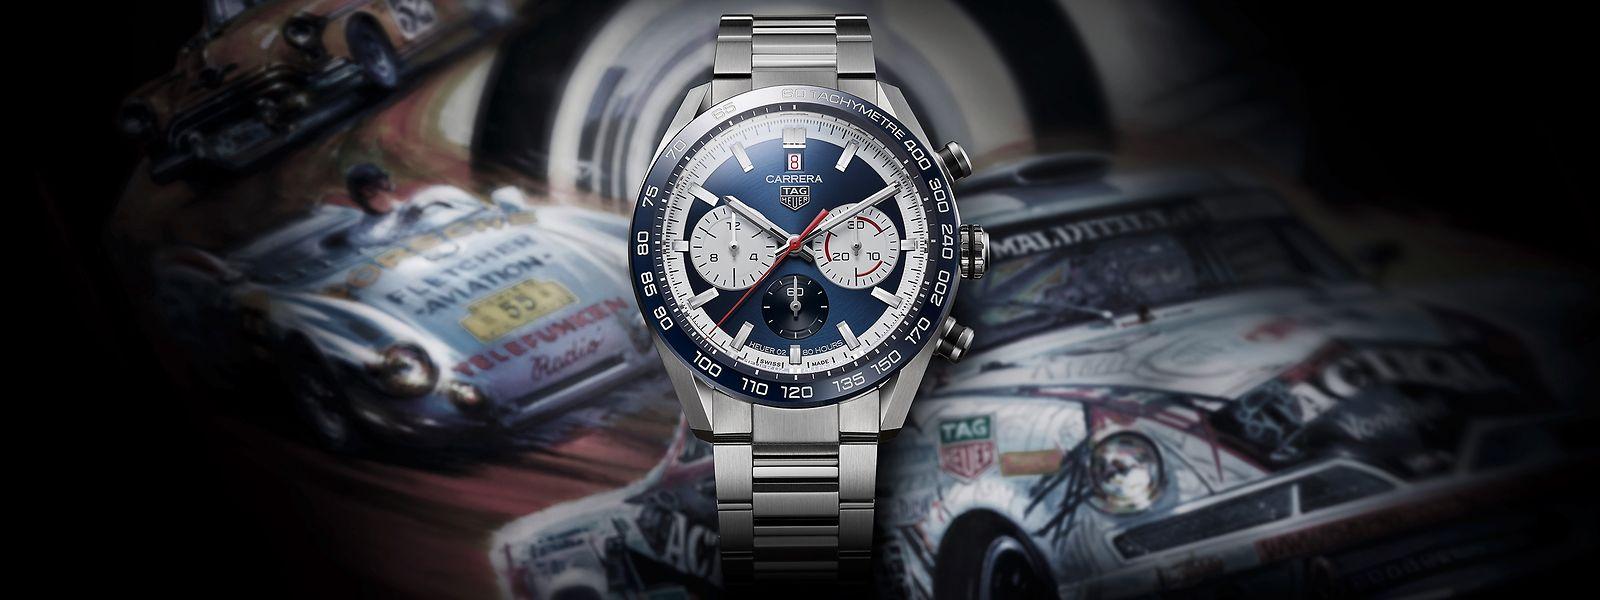 """Die zum Jubiläum des Uhrenhauses TAG Heuer entworfene """"Carrera Sport Chronograph 160 Years Special Edition"""" wurde von der klassischen Heuer """"Dato 45"""" von 1965 inspiriert."""